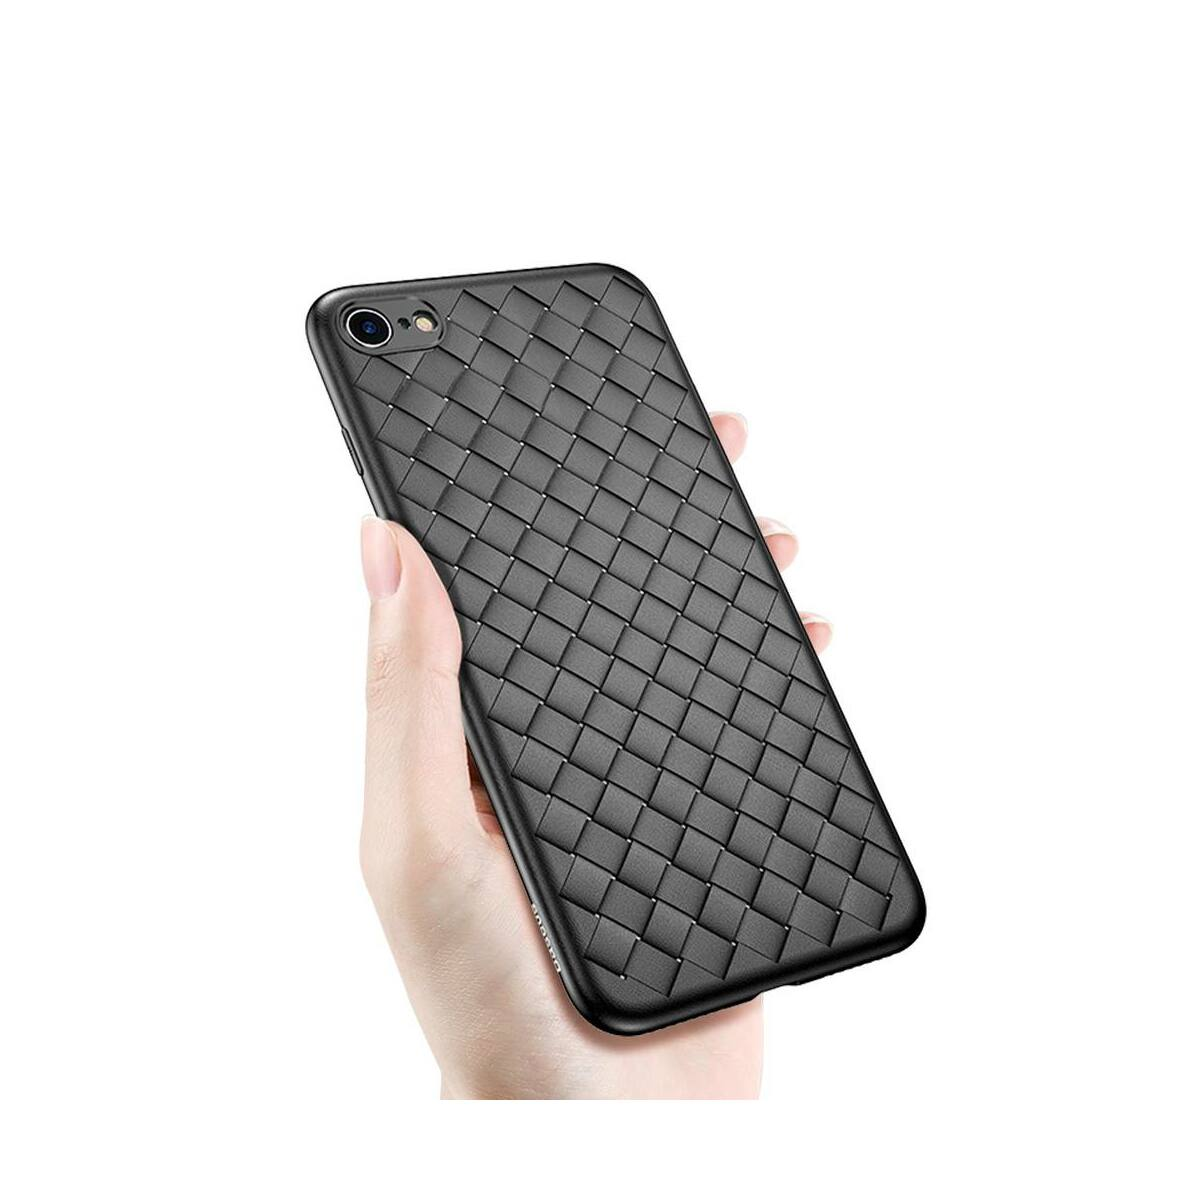 Baseus iPhone 6/6s Plus tok, BV Weaving, fekete (WIAPIPH6SP-BV01)